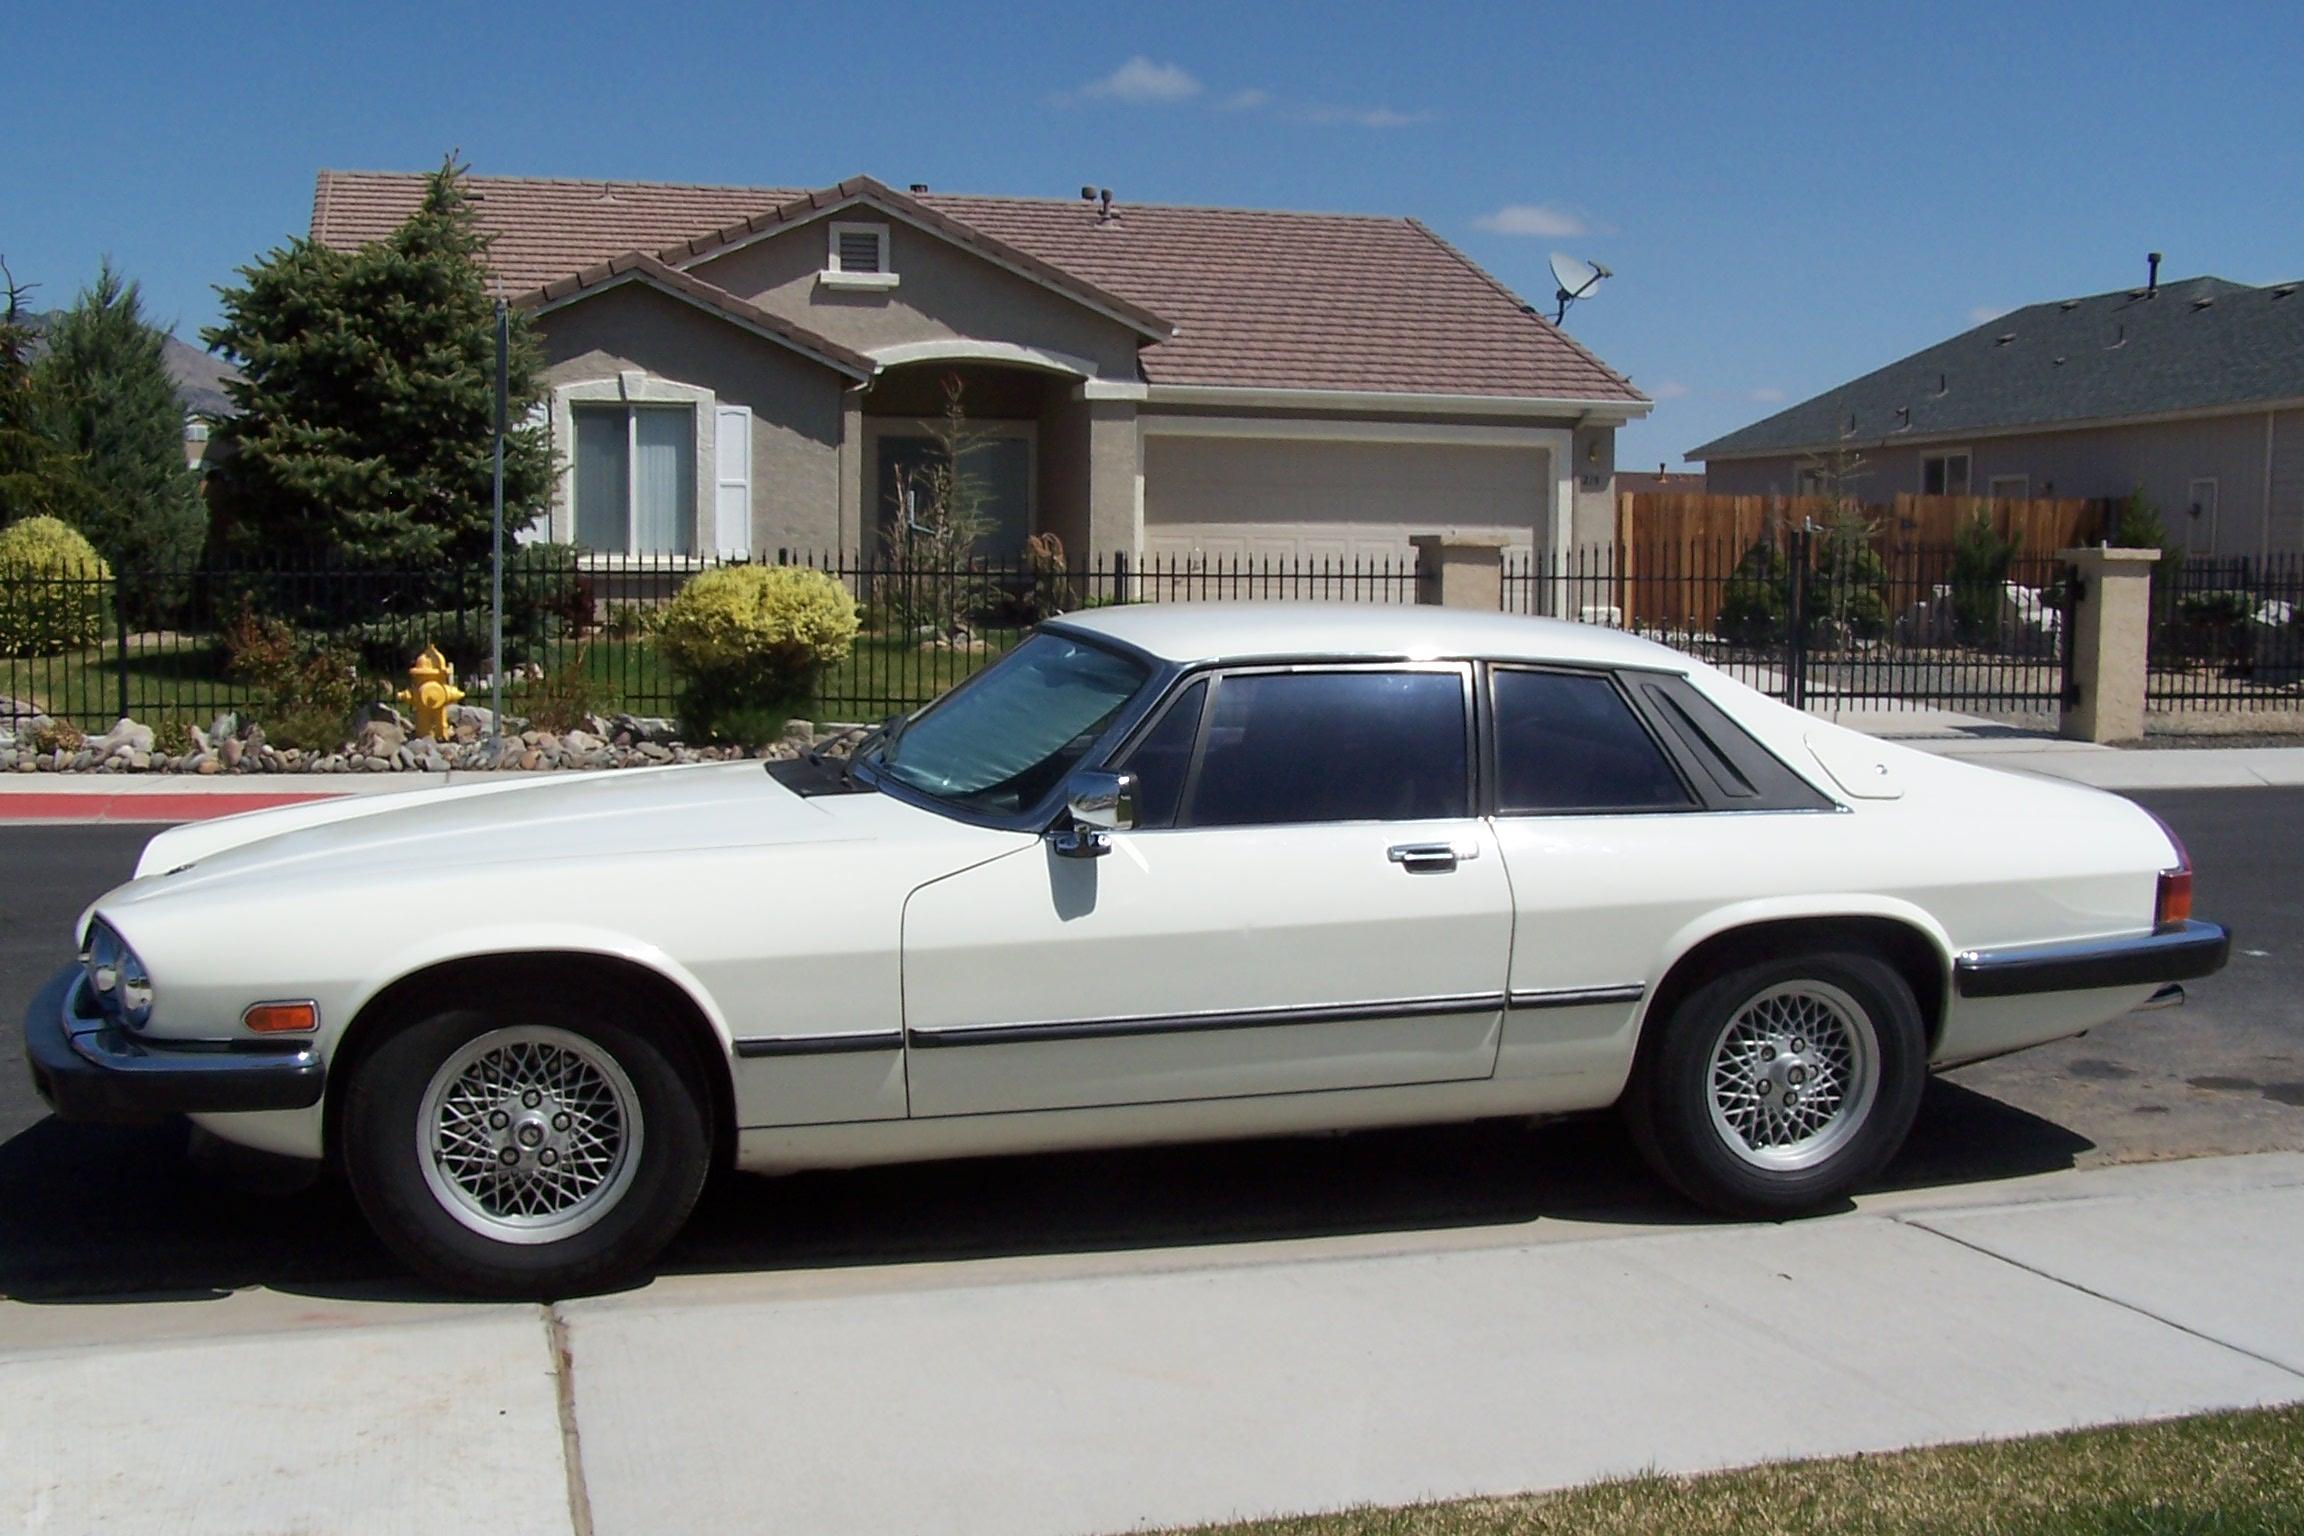 File:1991 Jaguar XJS V12.JPG